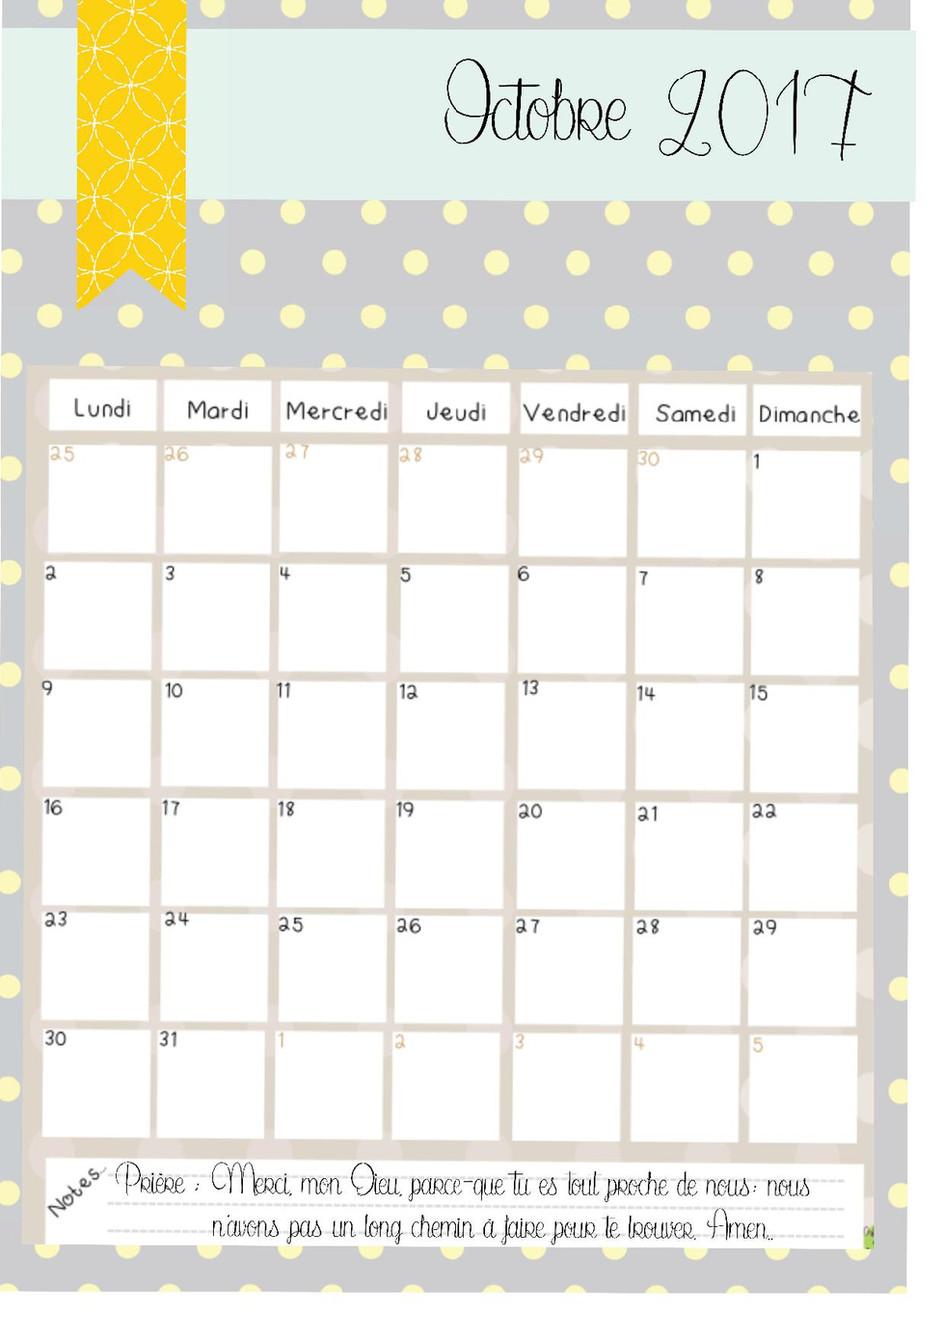 le calendrier pour le mois d'octobre!